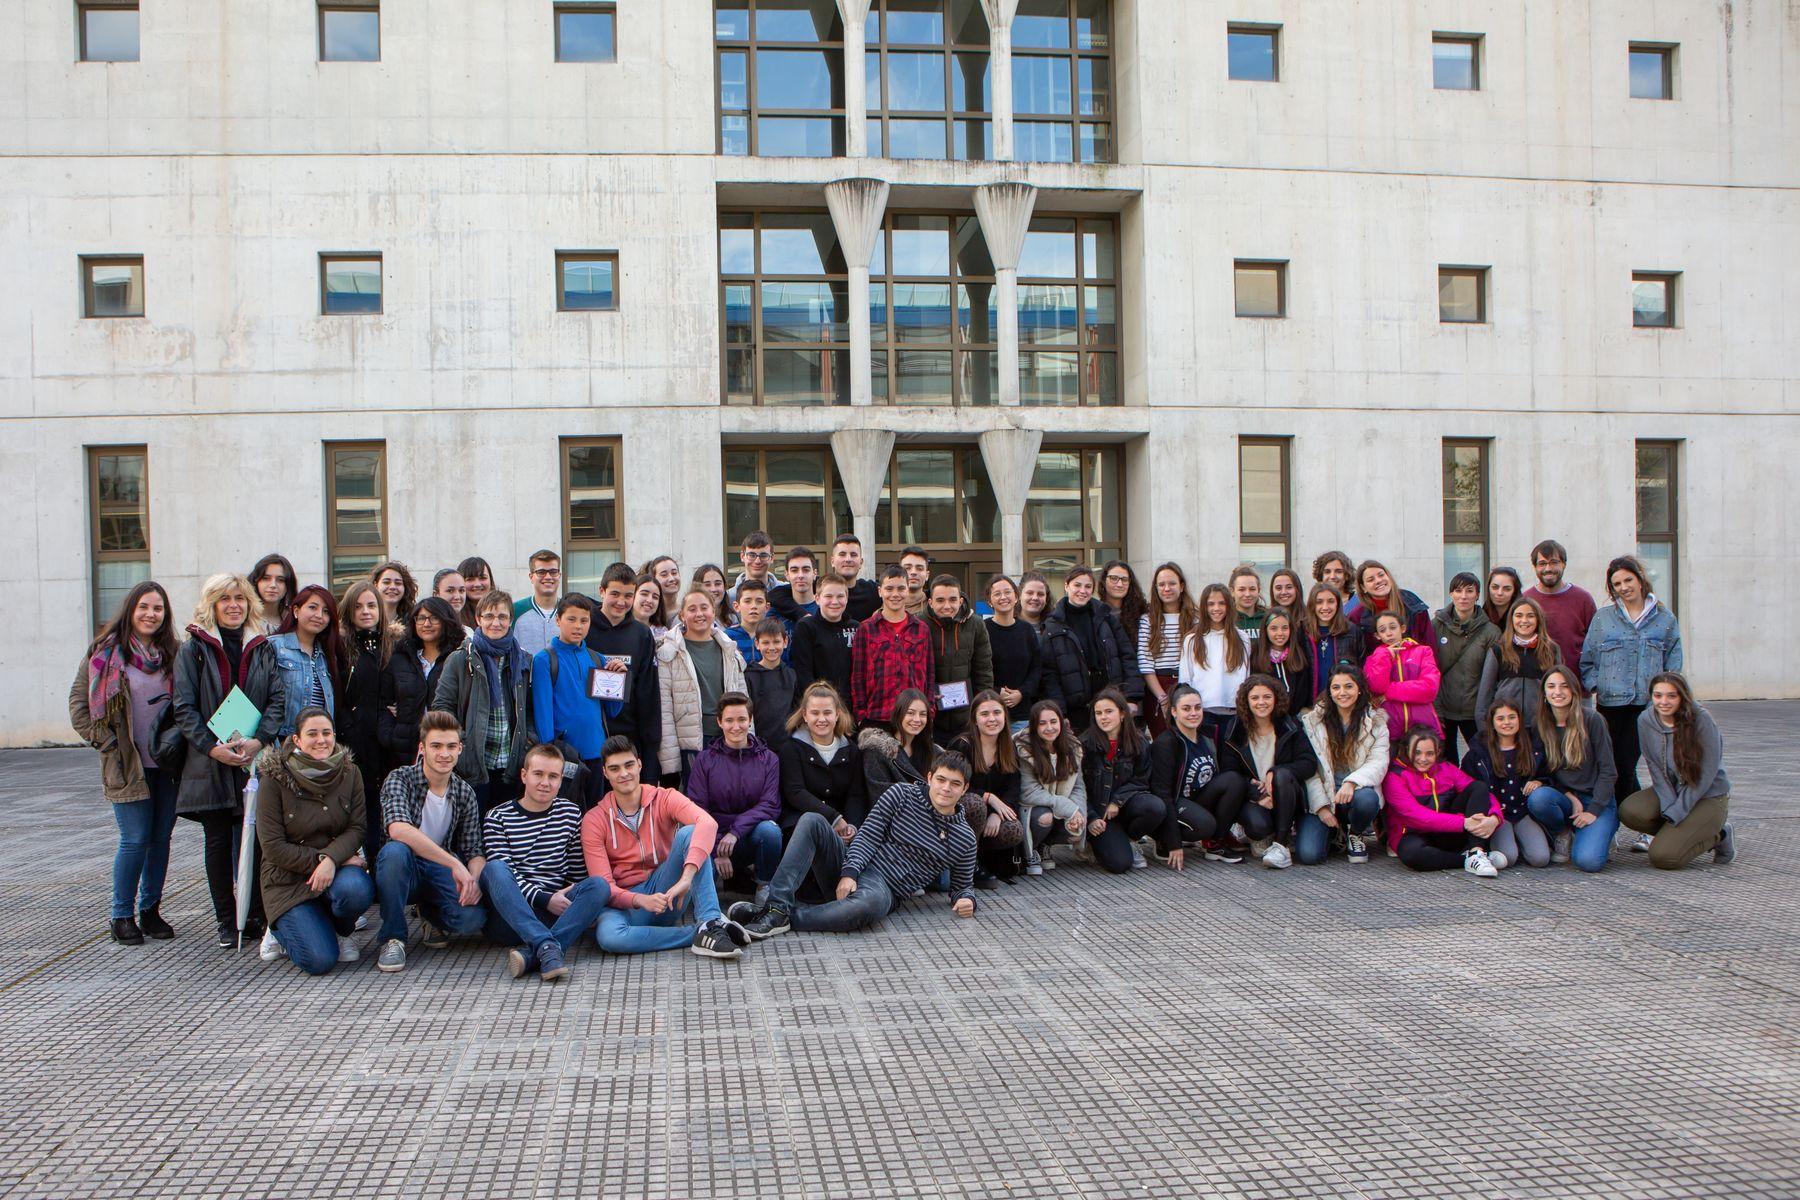 Estudiantes de Maestro de la UPNA y de Primaria del Colegio Sanduzelai y profesorado posan en el campus universitario.